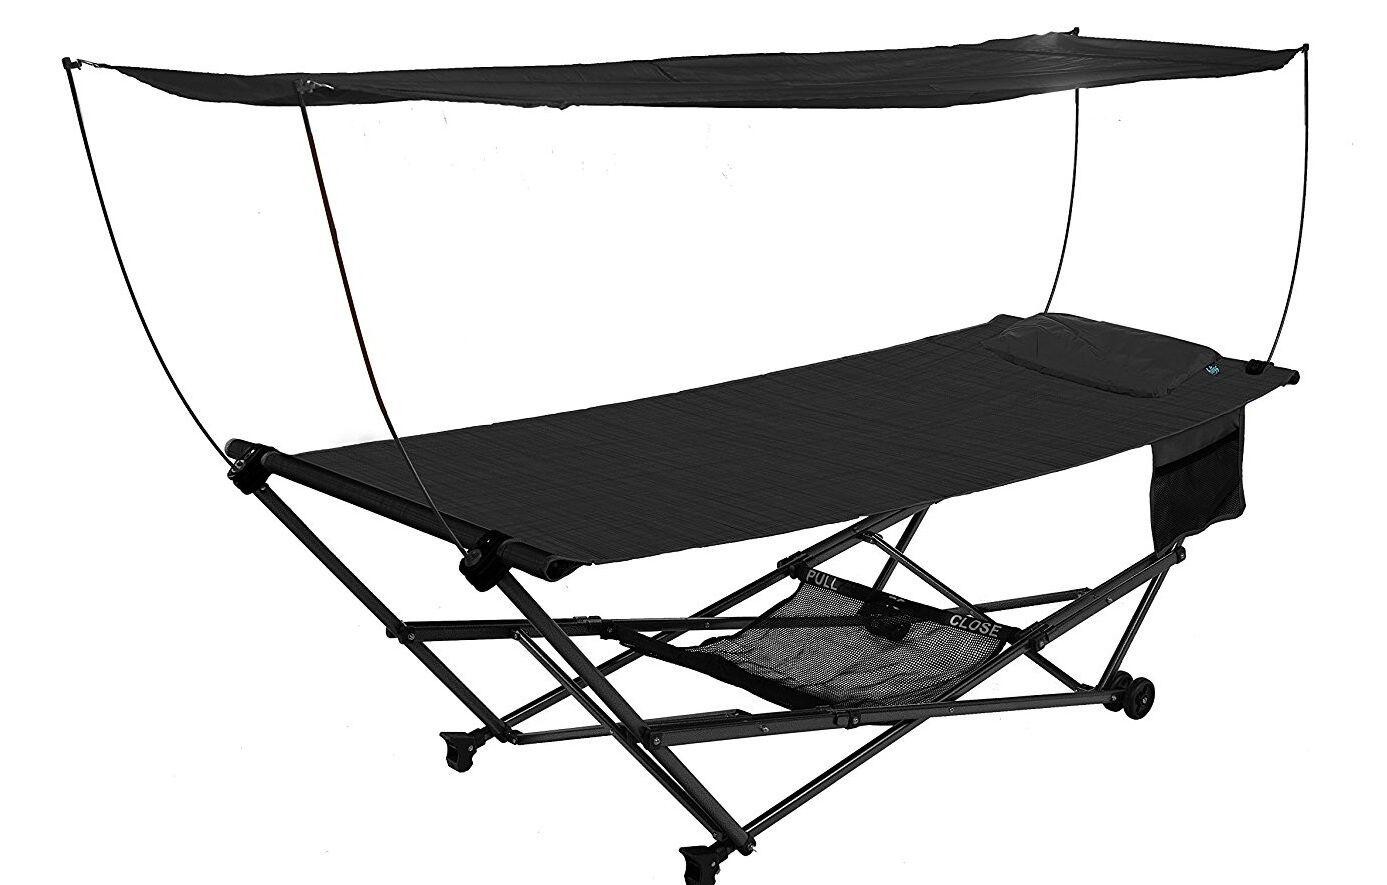 Solis Camping Hammock Color: Black